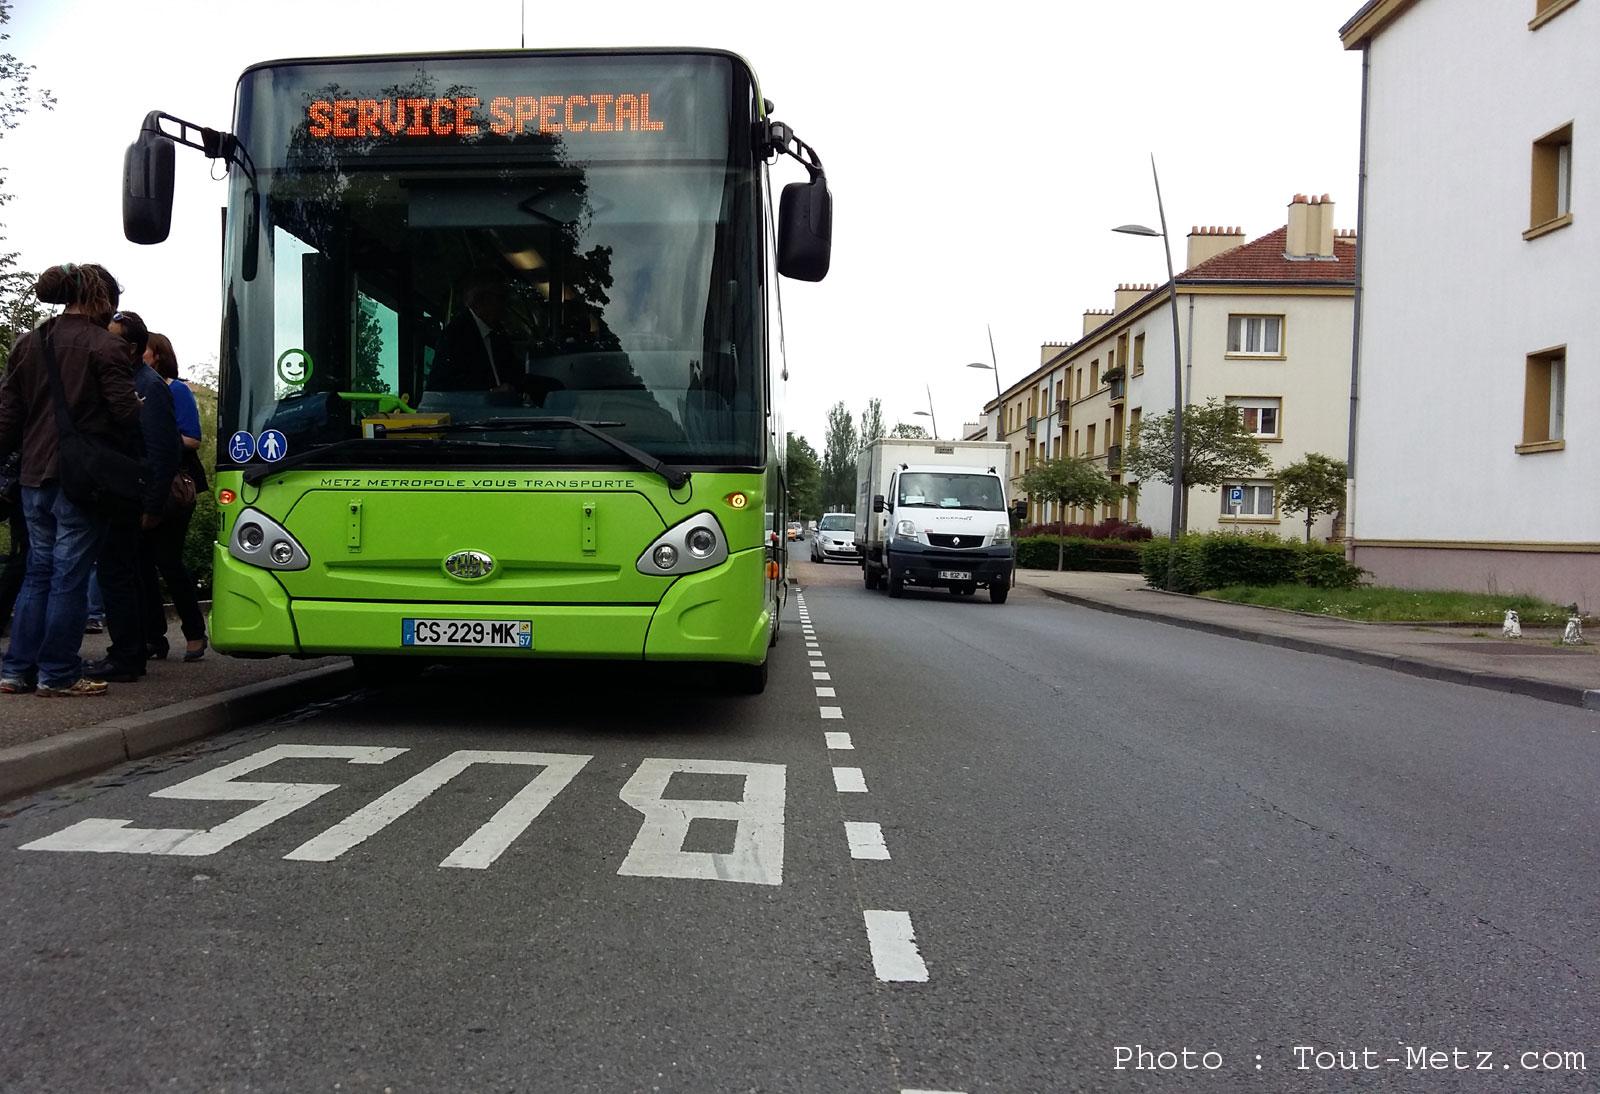 Juste avant Noël, les bus en grève à Metz Métropole